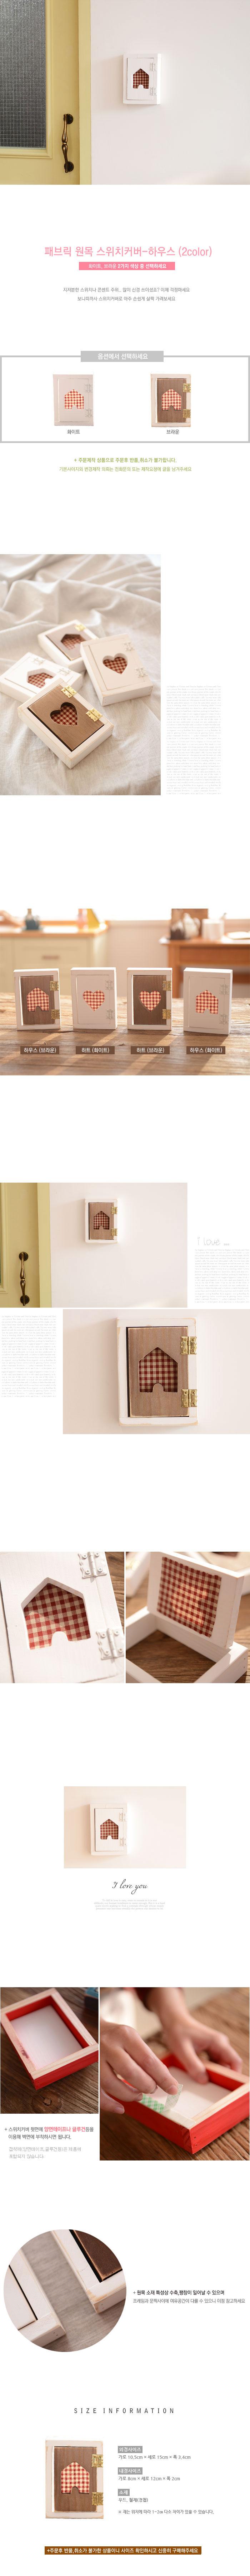 패브릭 원목 스위치커버-하우스(2color) - 행복디자인, 11,000원, 장식/부자재, 벽장식